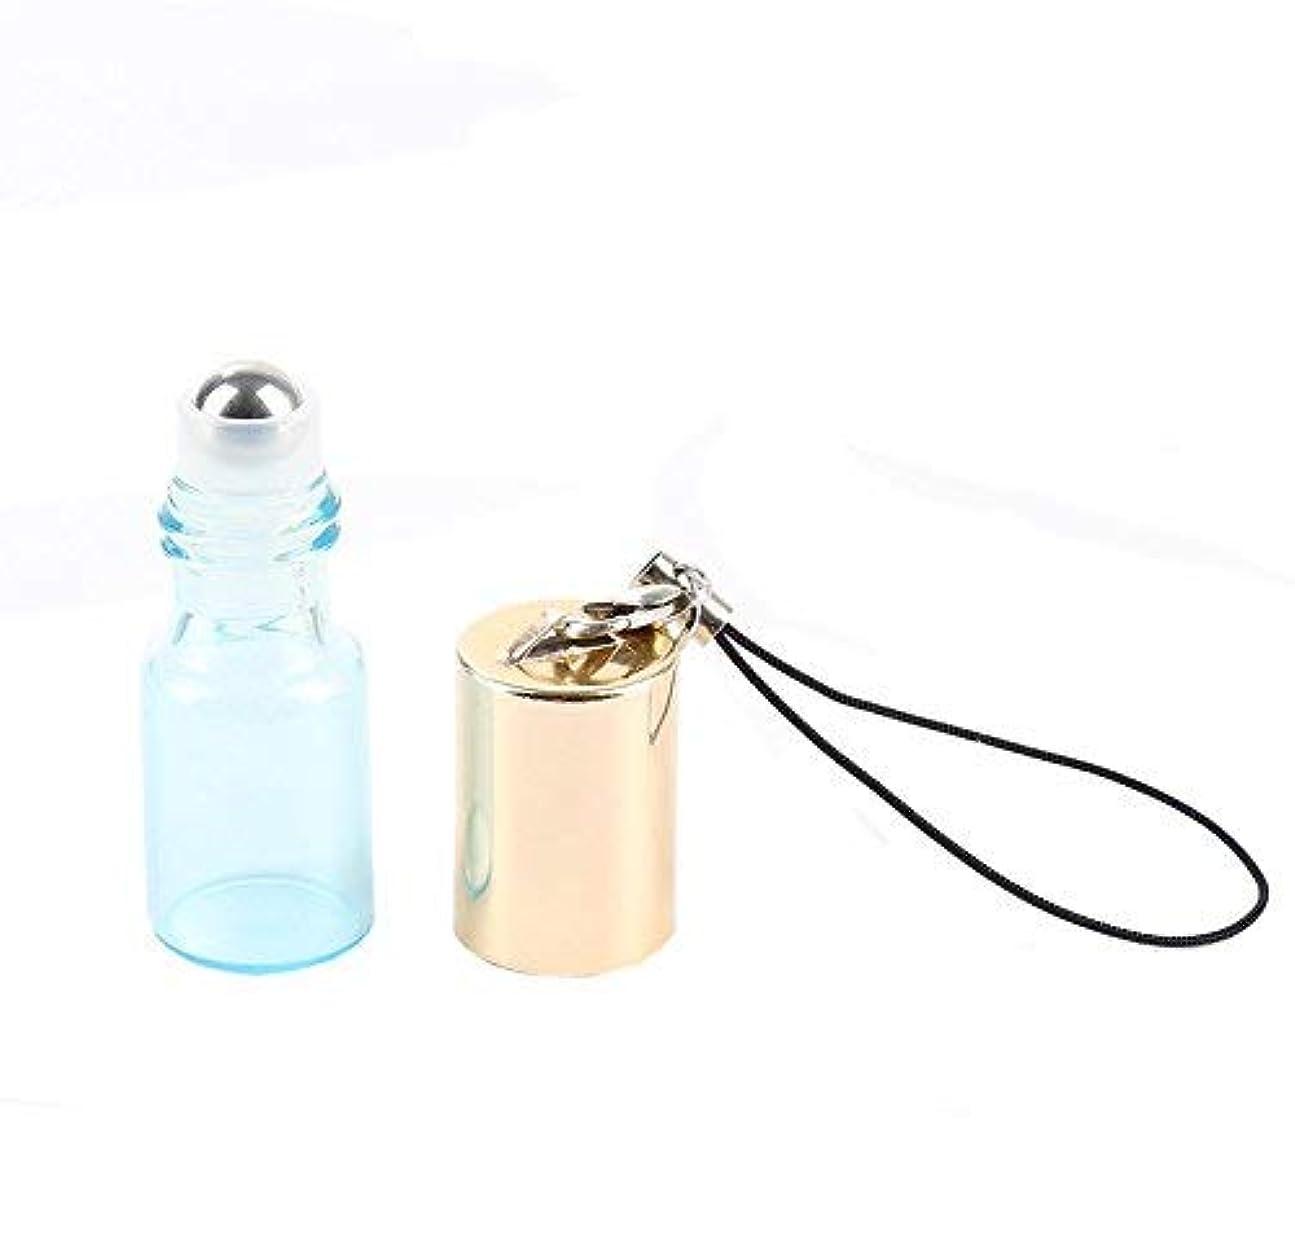 蓮観点圧縮Empty Roller Bottles - Pack of 12 3ml Pearl Colored Glass Roll-on Bottles for Essential Oil Container with Golden...